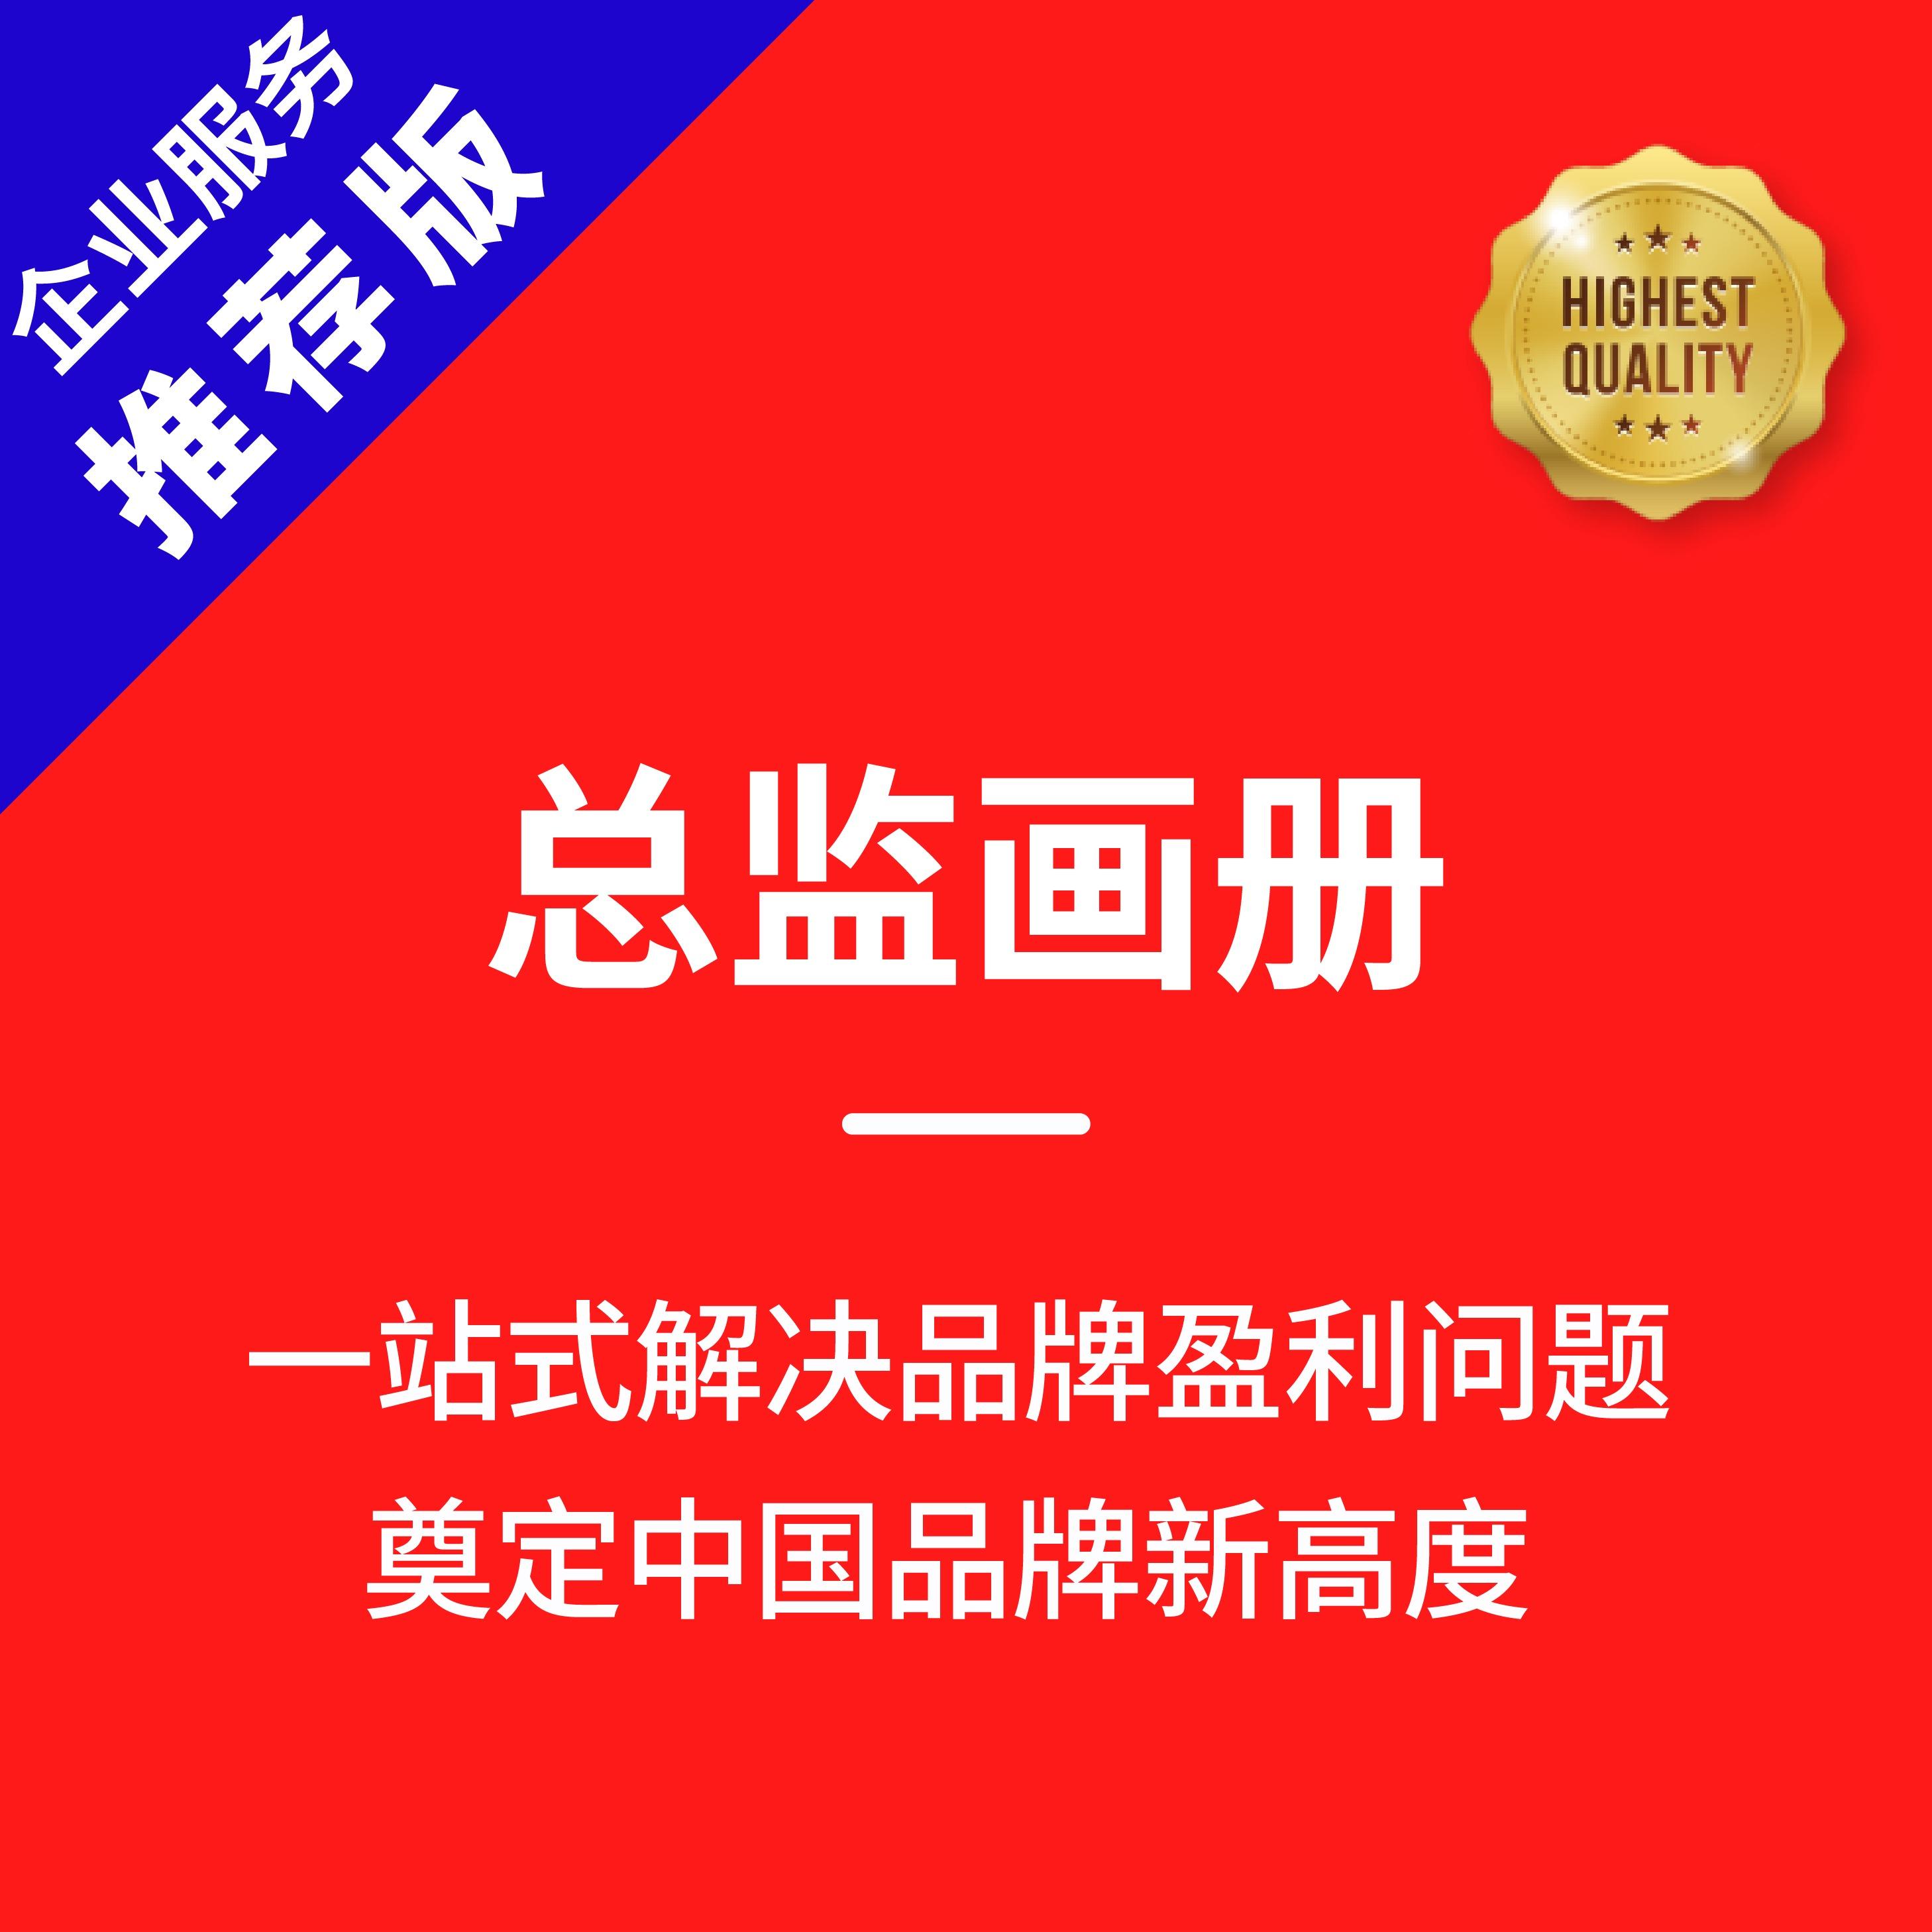 企业画册招商图册公司产品介绍加盟手册设计宣传品册样册楼书物料